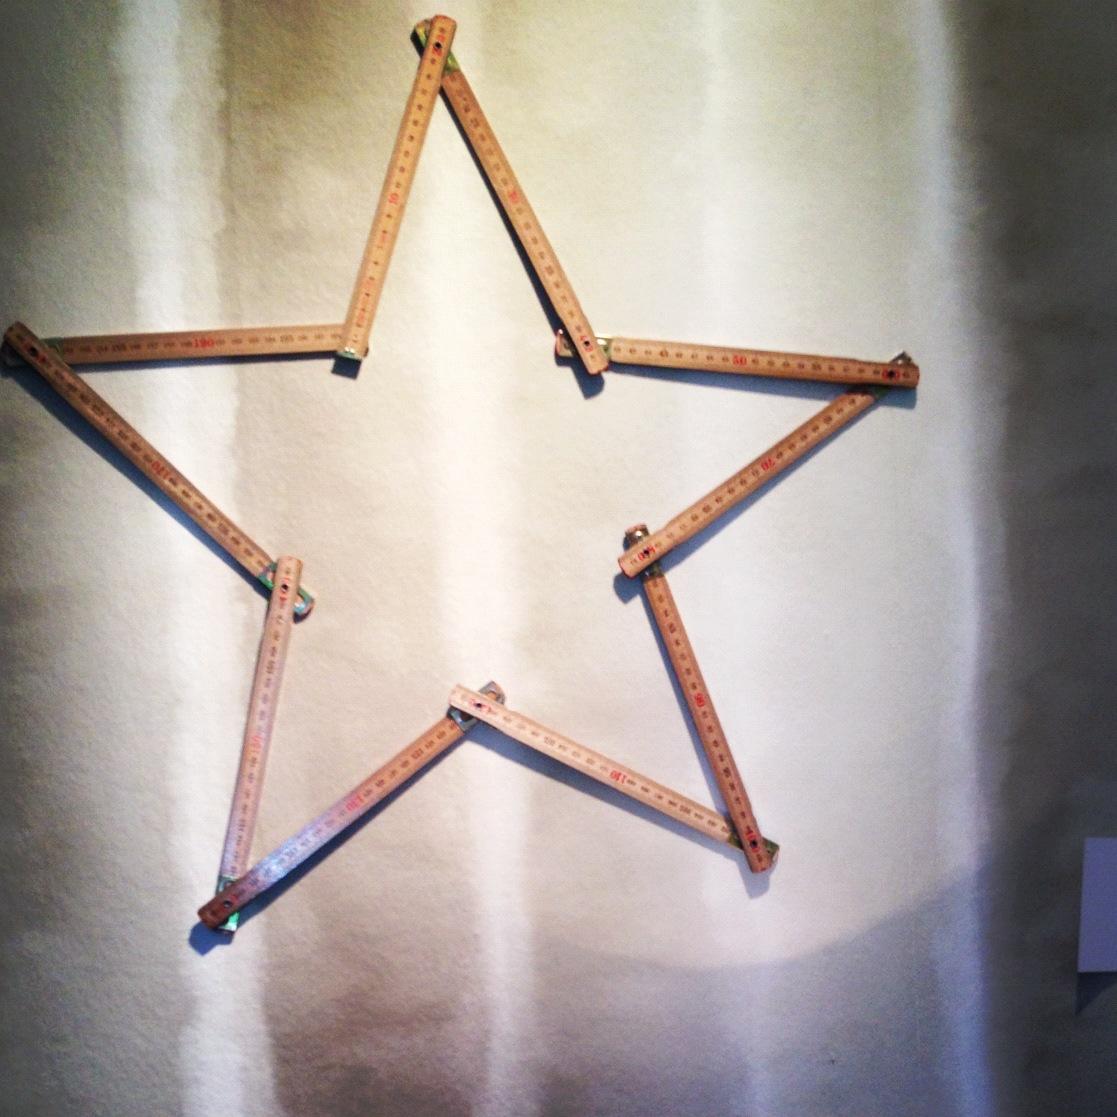 ster van centimeter